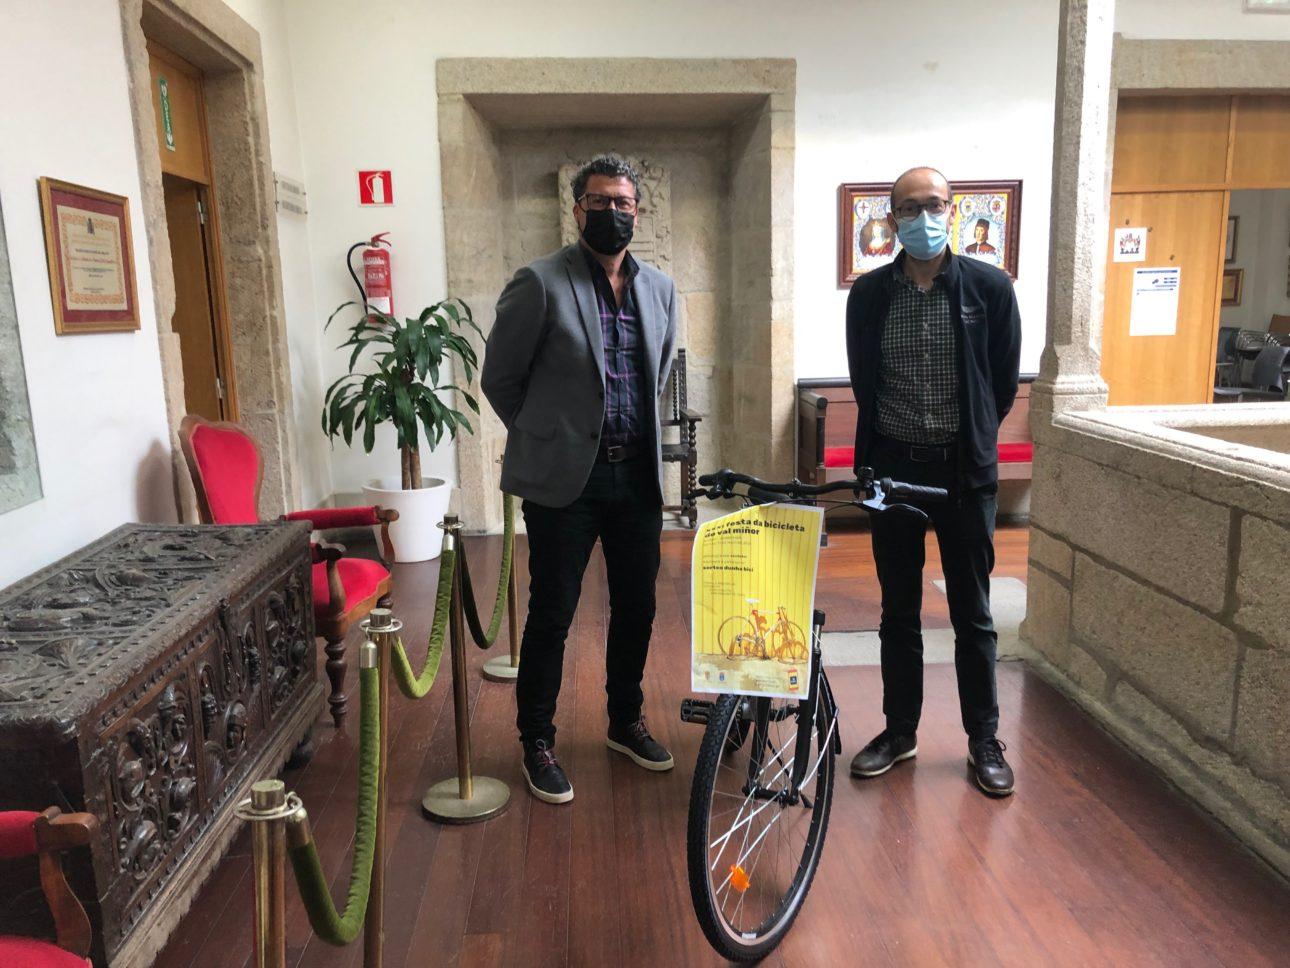 Alcalde y ganador scaled Baiona